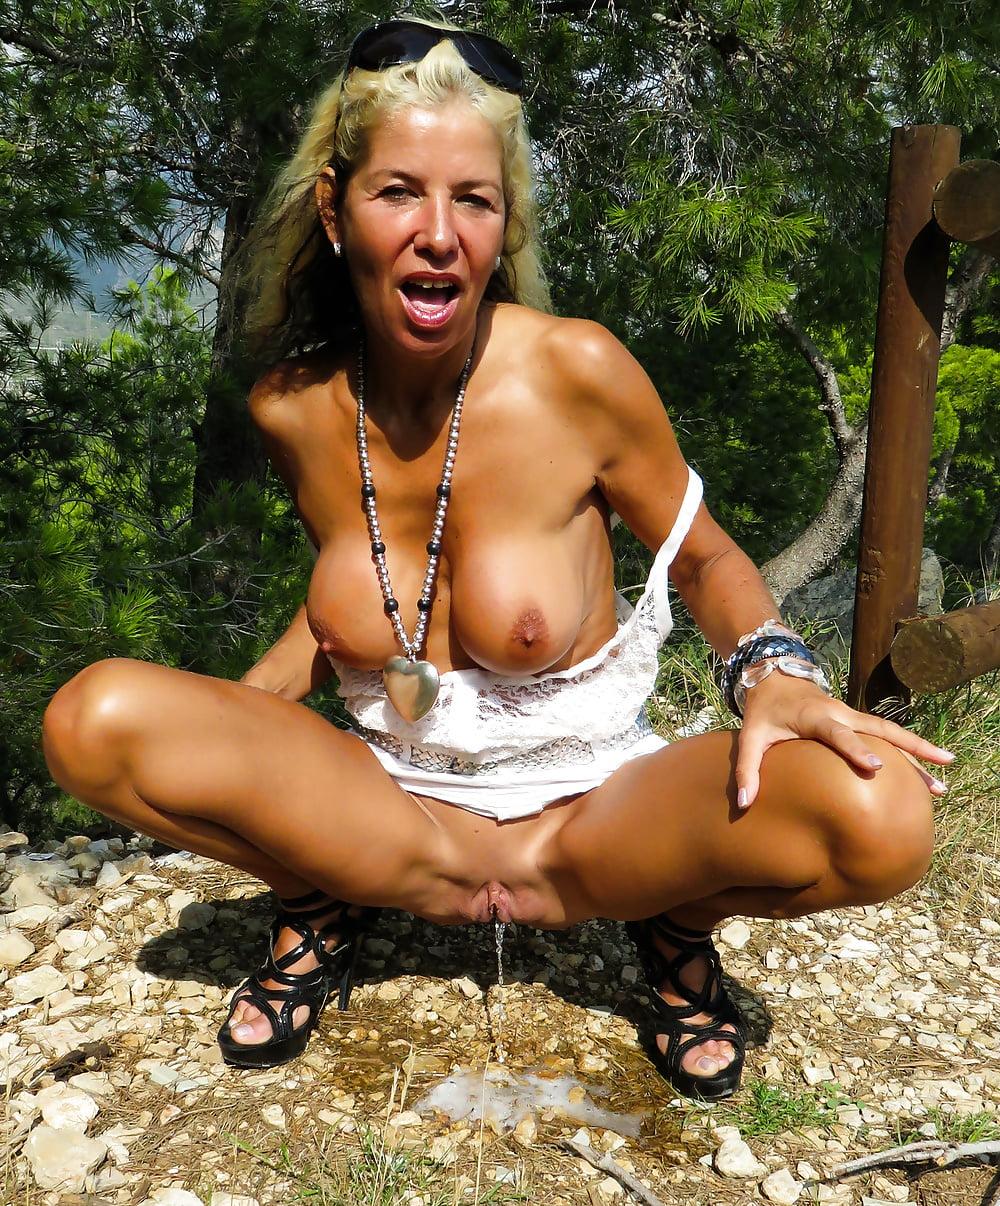 Old slut pissing in nature